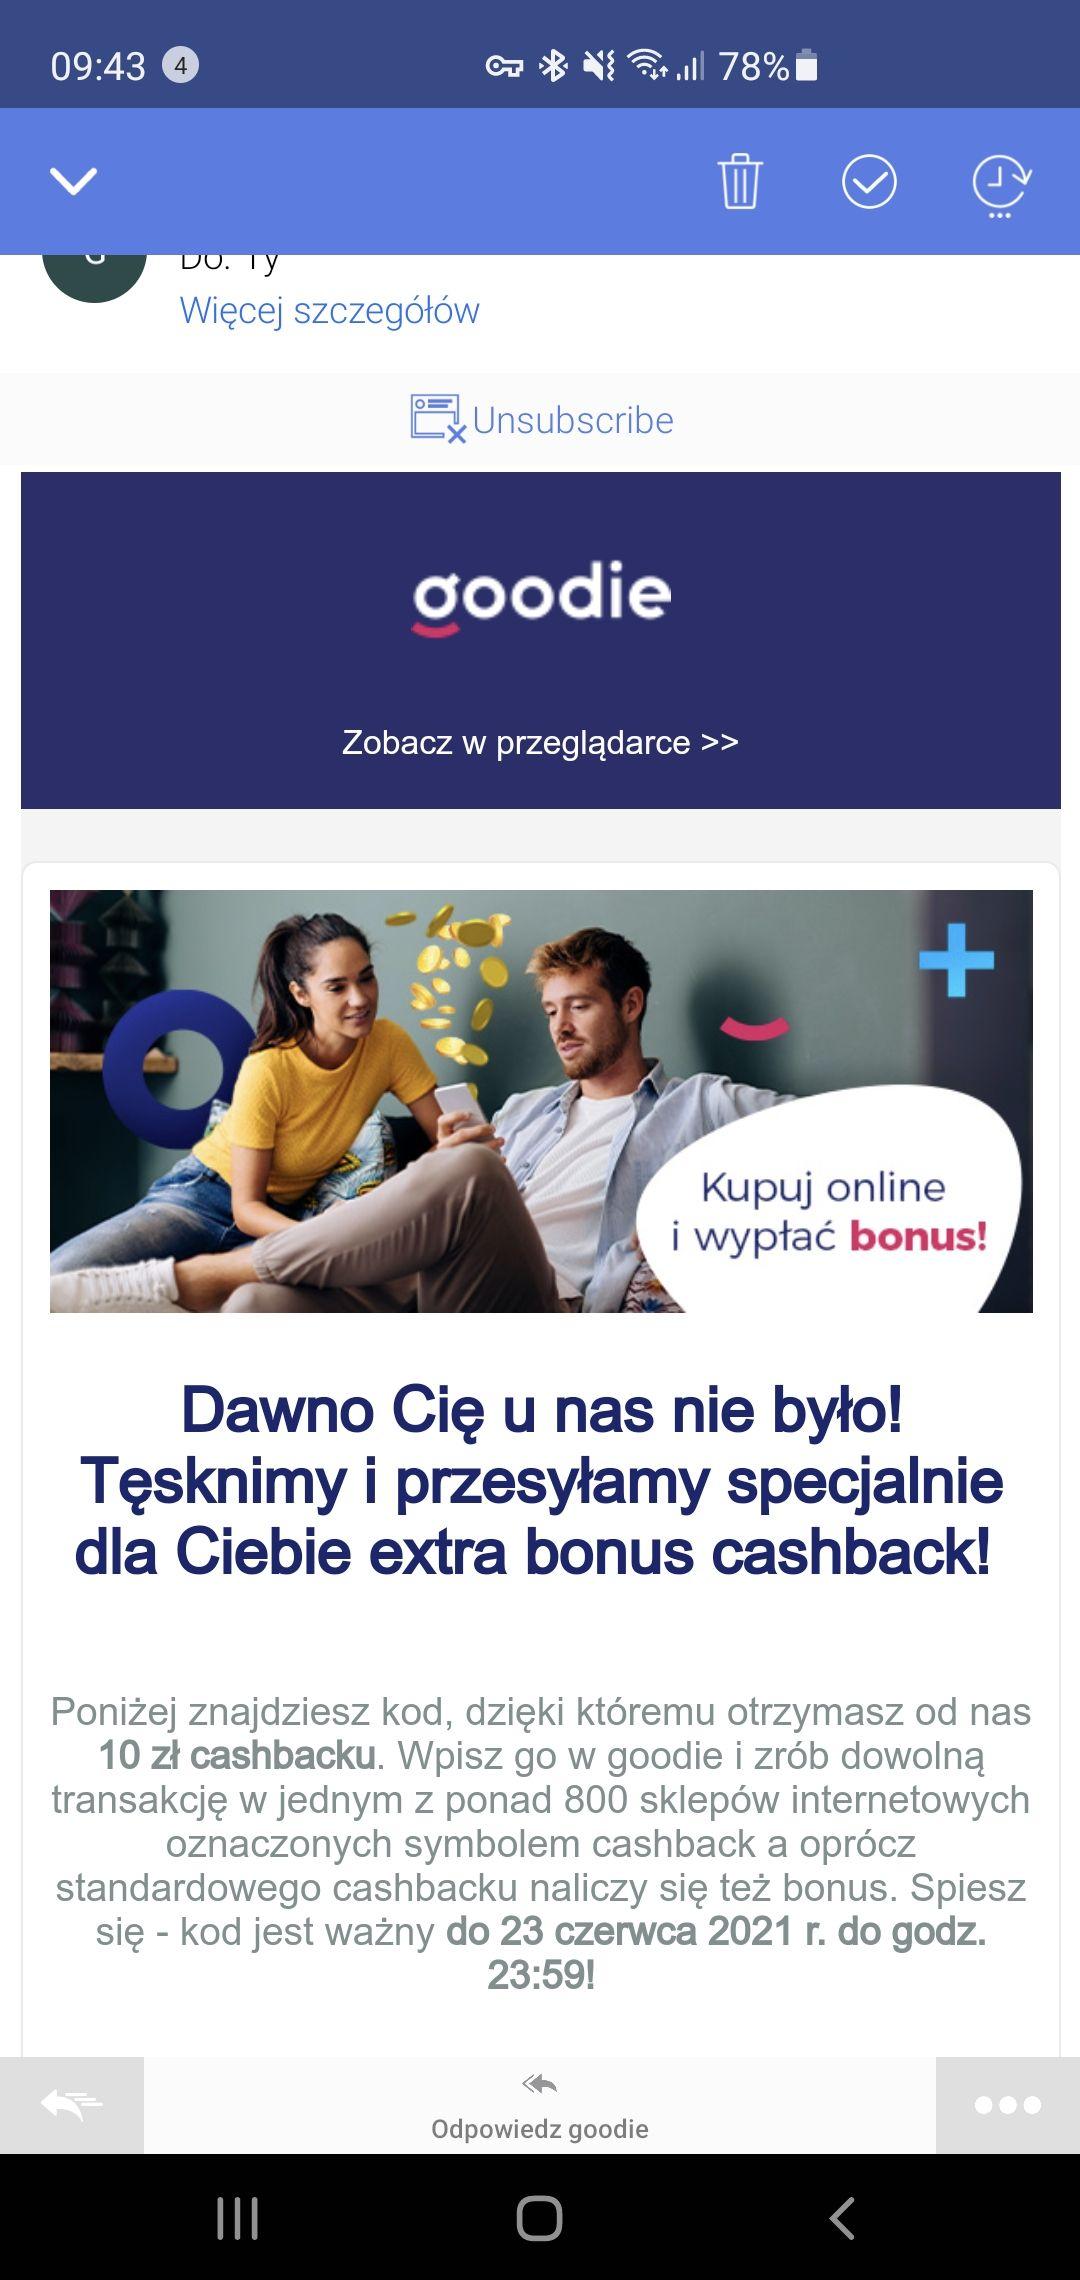 Goodie dodatkowy cashback 10 zł